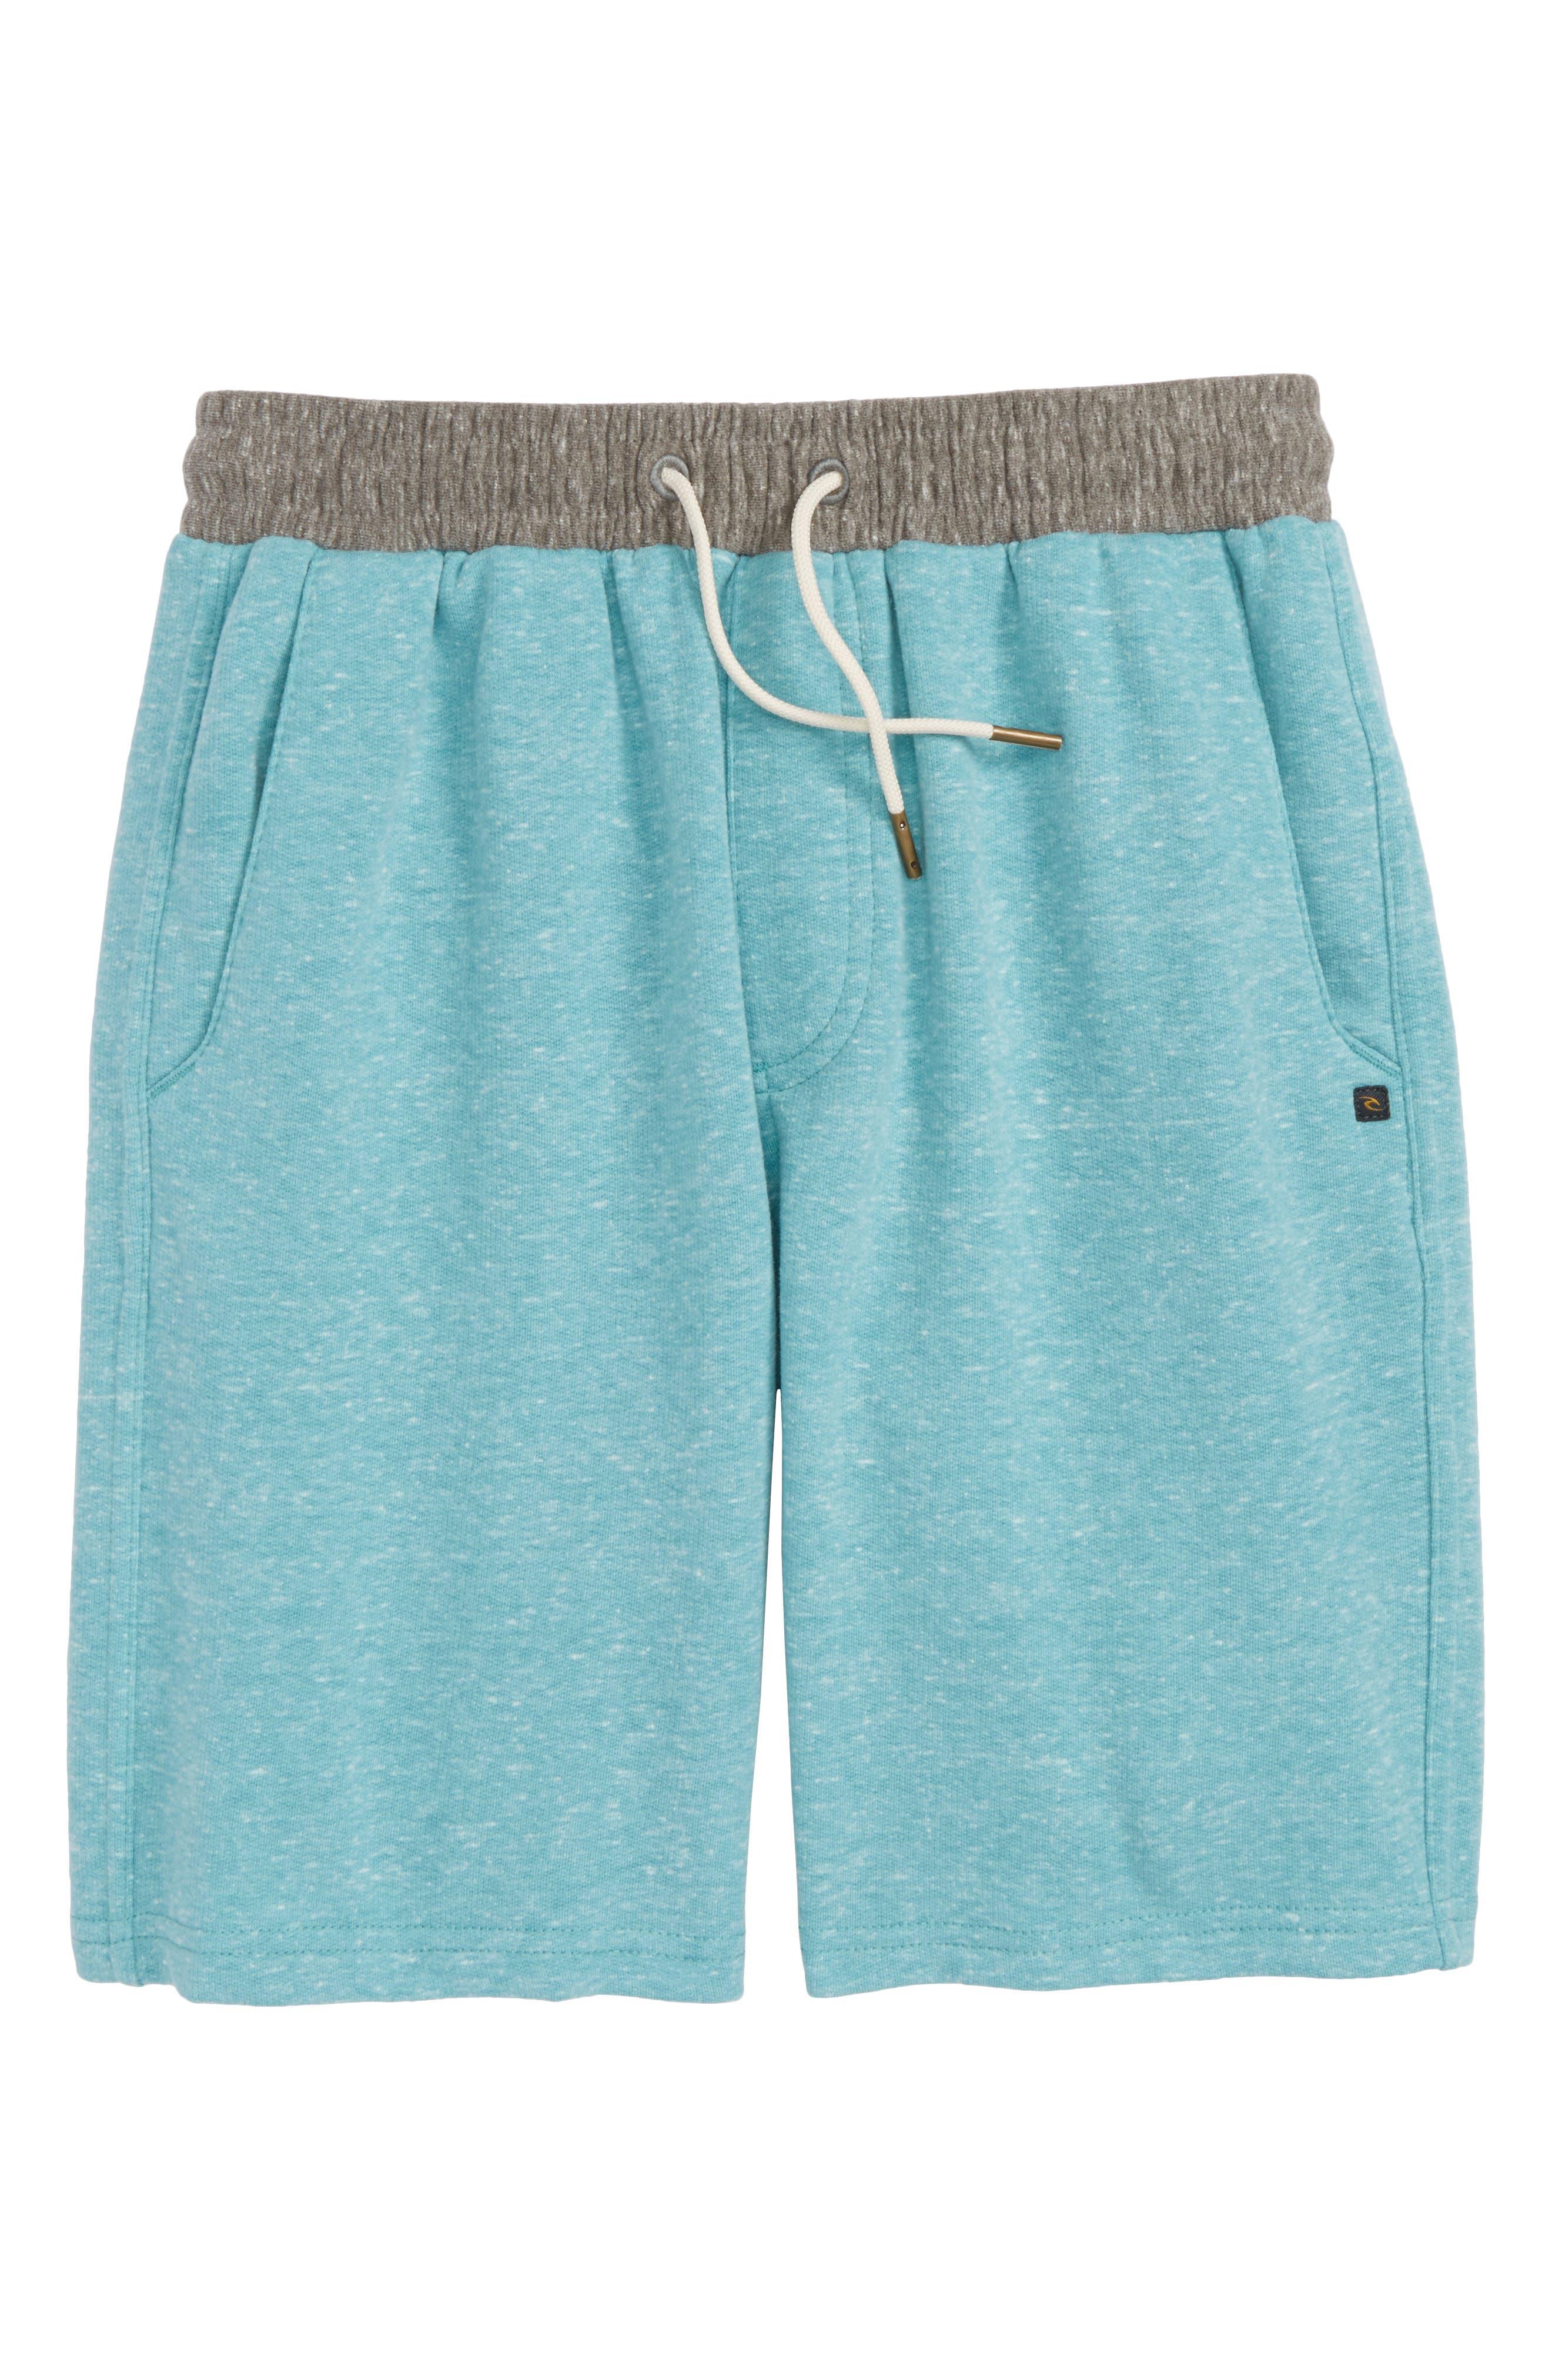 Seaside Fleece Shorts,                             Main thumbnail 1, color,                             Teal